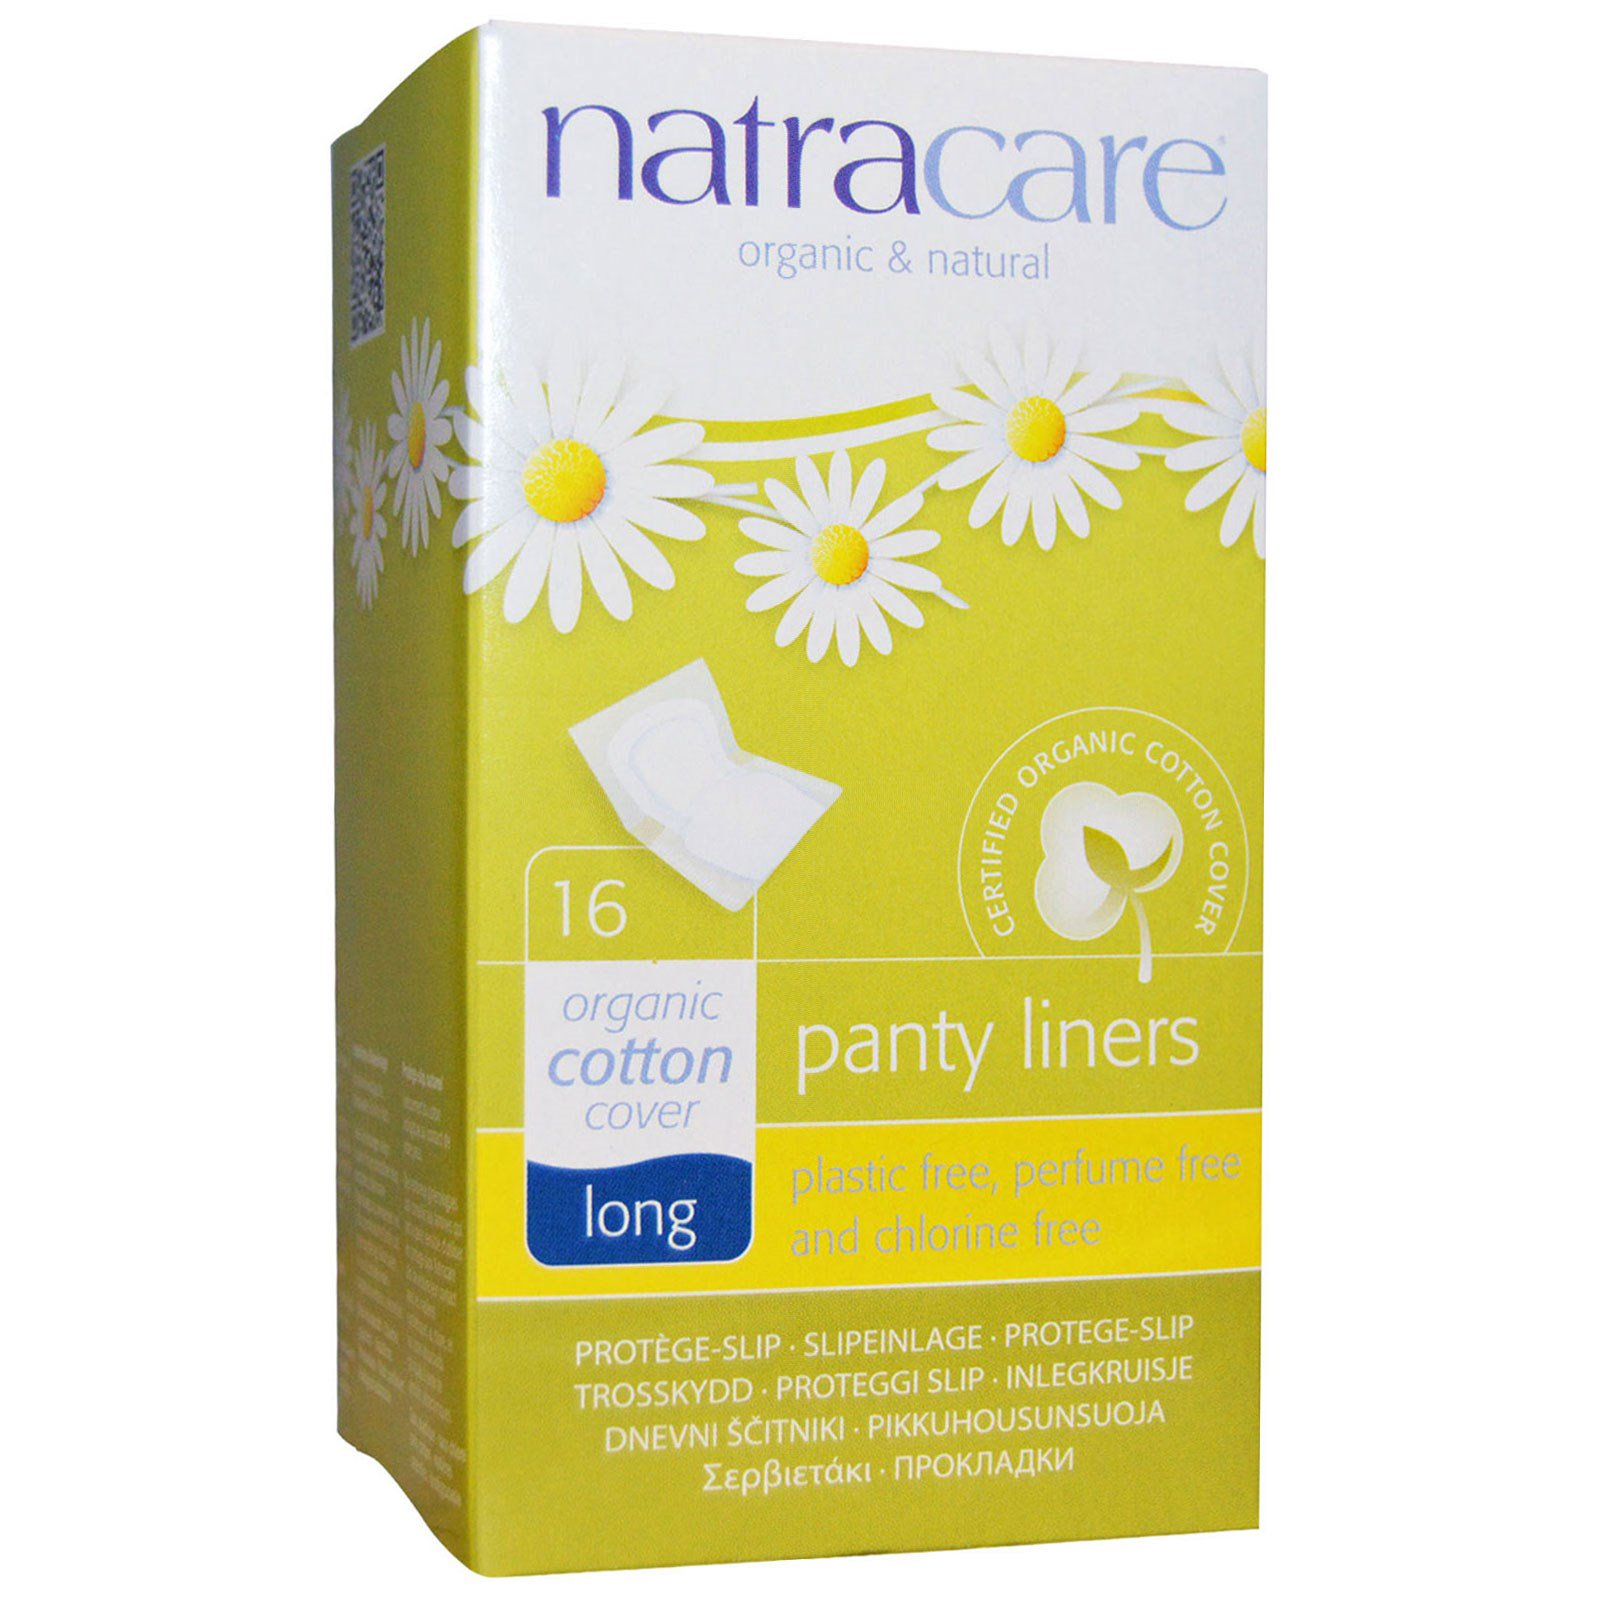 Natracare, Органические и натуральные ежедневные прокладки, длинные, 16 прокладок